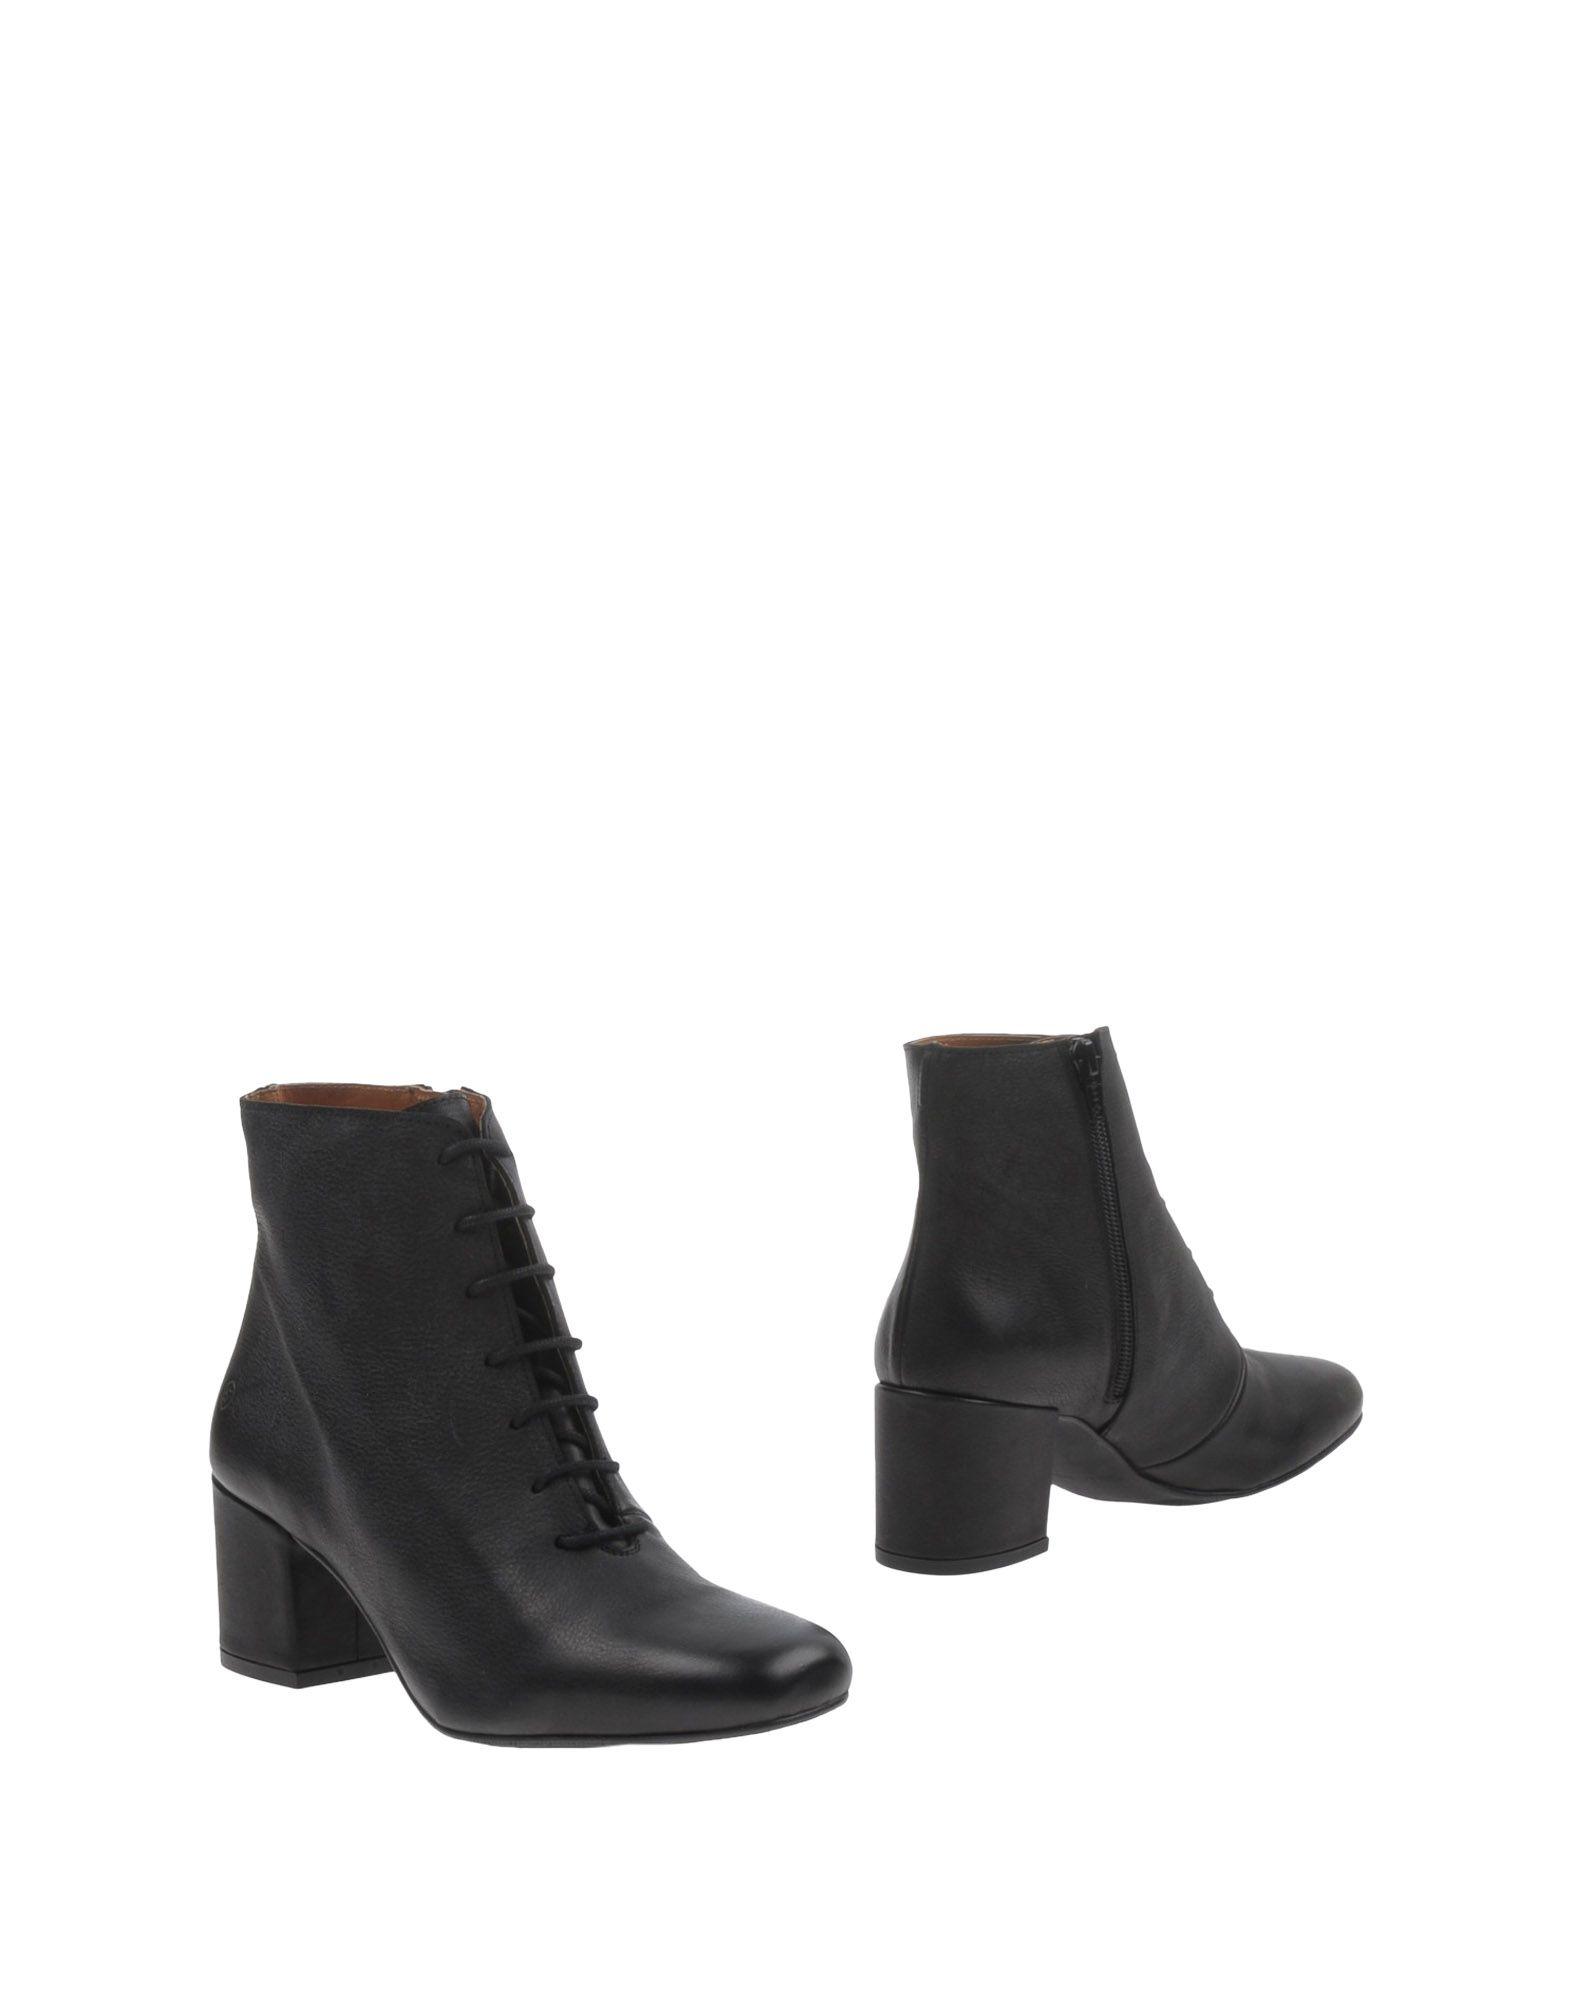 67 Sixtyseven Stiefelette Damen  Schuhe 11370410RK Gute Qualität beliebte Schuhe  af1fc7